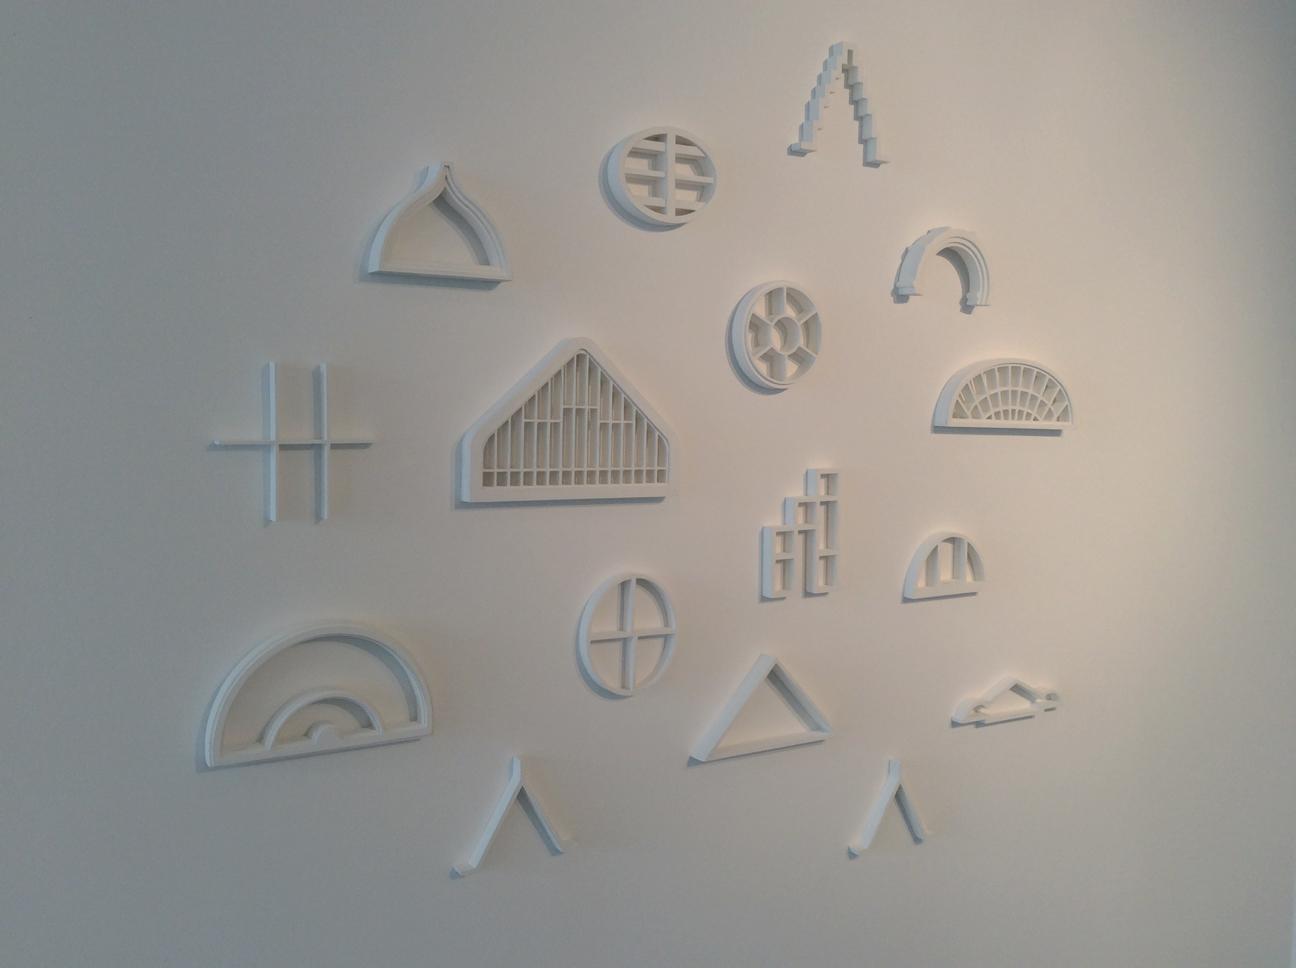 Kacha legrand blog dessin - Maison de l etudiant le havre ...